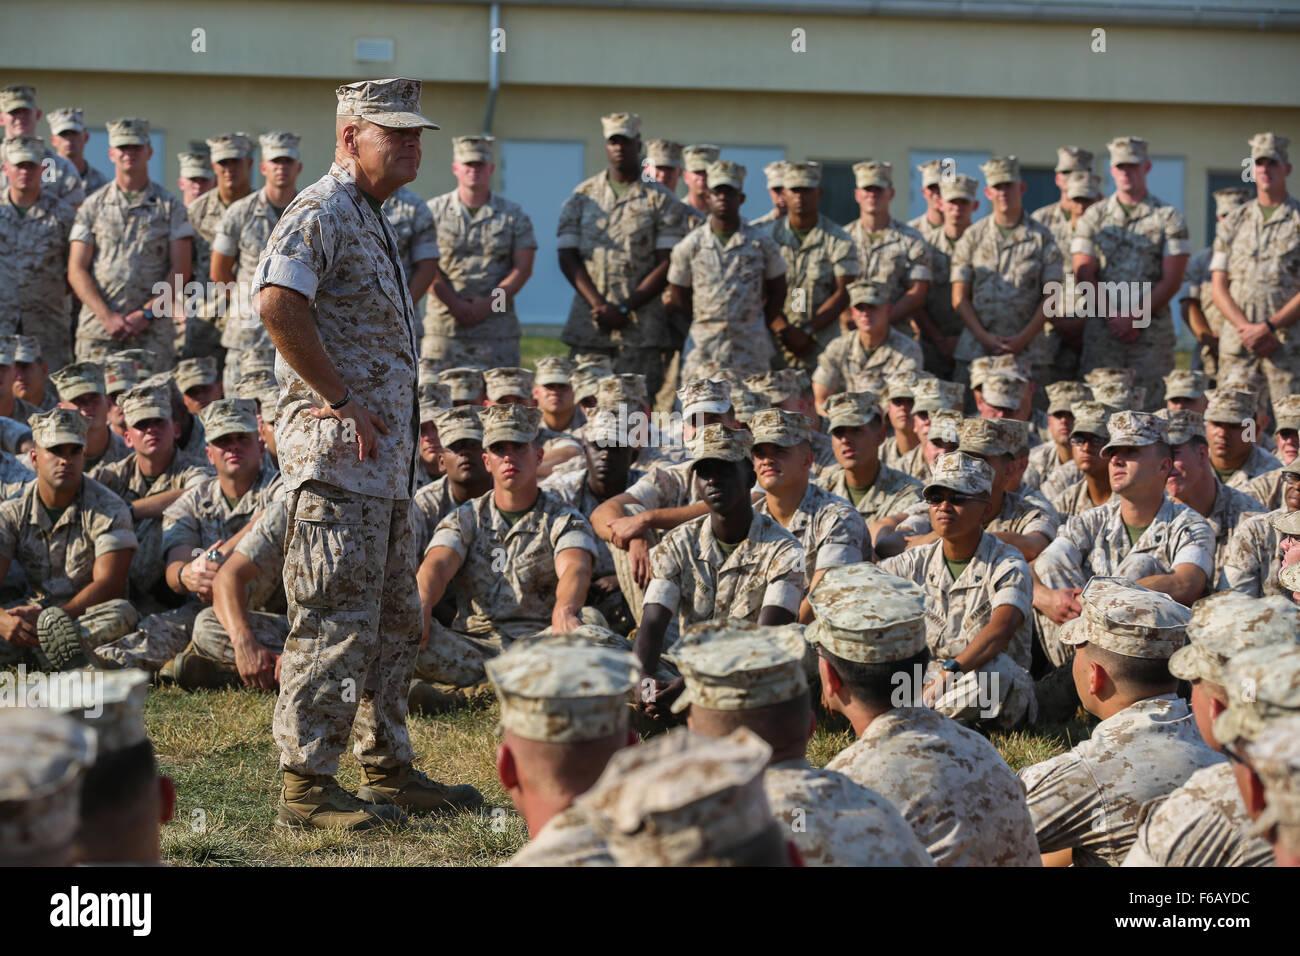 Lieutenant Gen. Robert B. Neller, commander of U.S. Marine Forces Command and U.S. Marine Forces Europe and confirmed Stock Photo